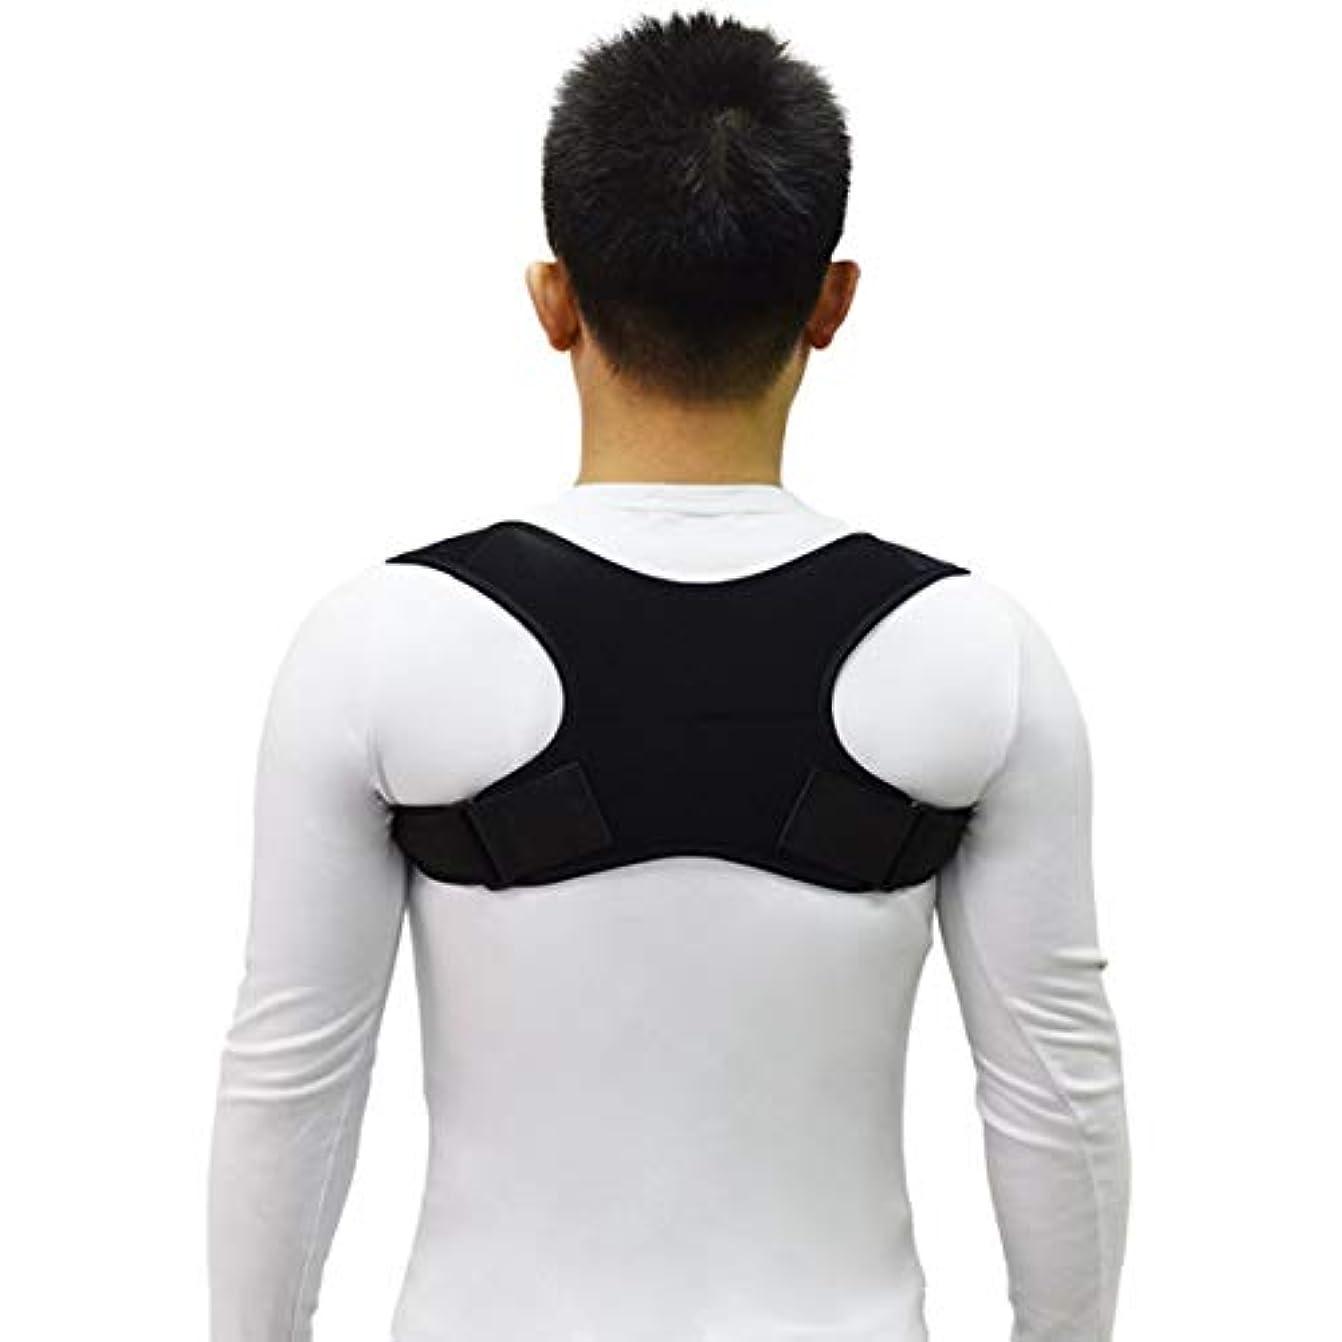 シンプトン対人申し立て新しいアッパーバックポスチャーコレクター姿勢鎖骨サポートコレクターバックストレートショルダーブレースストラップコレクター - ブラック